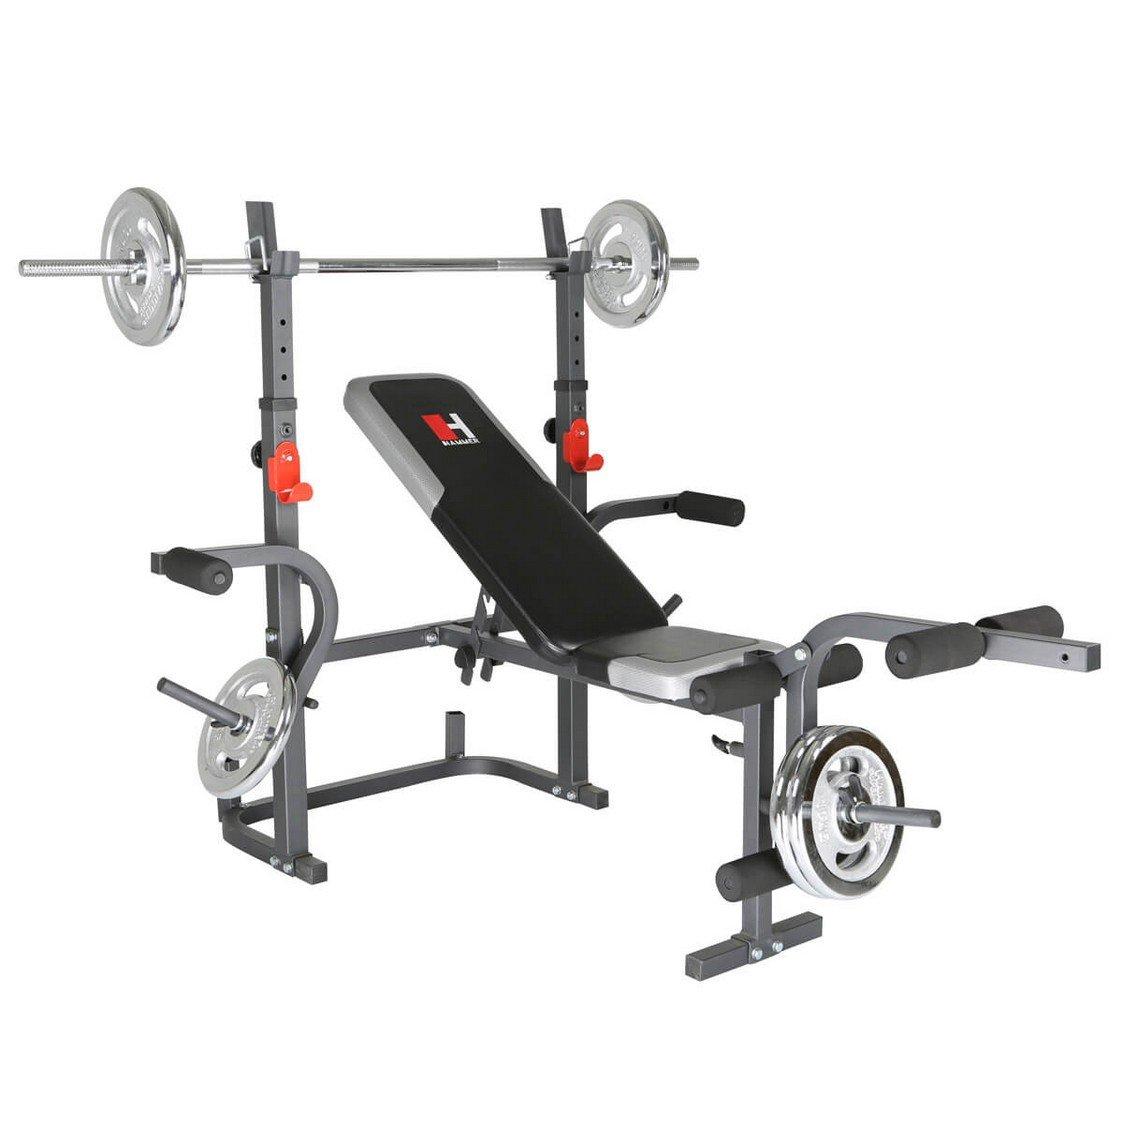 78866399, Hammer Hantelbank Bermuda XT mit Gewichten 45 kg, 3995